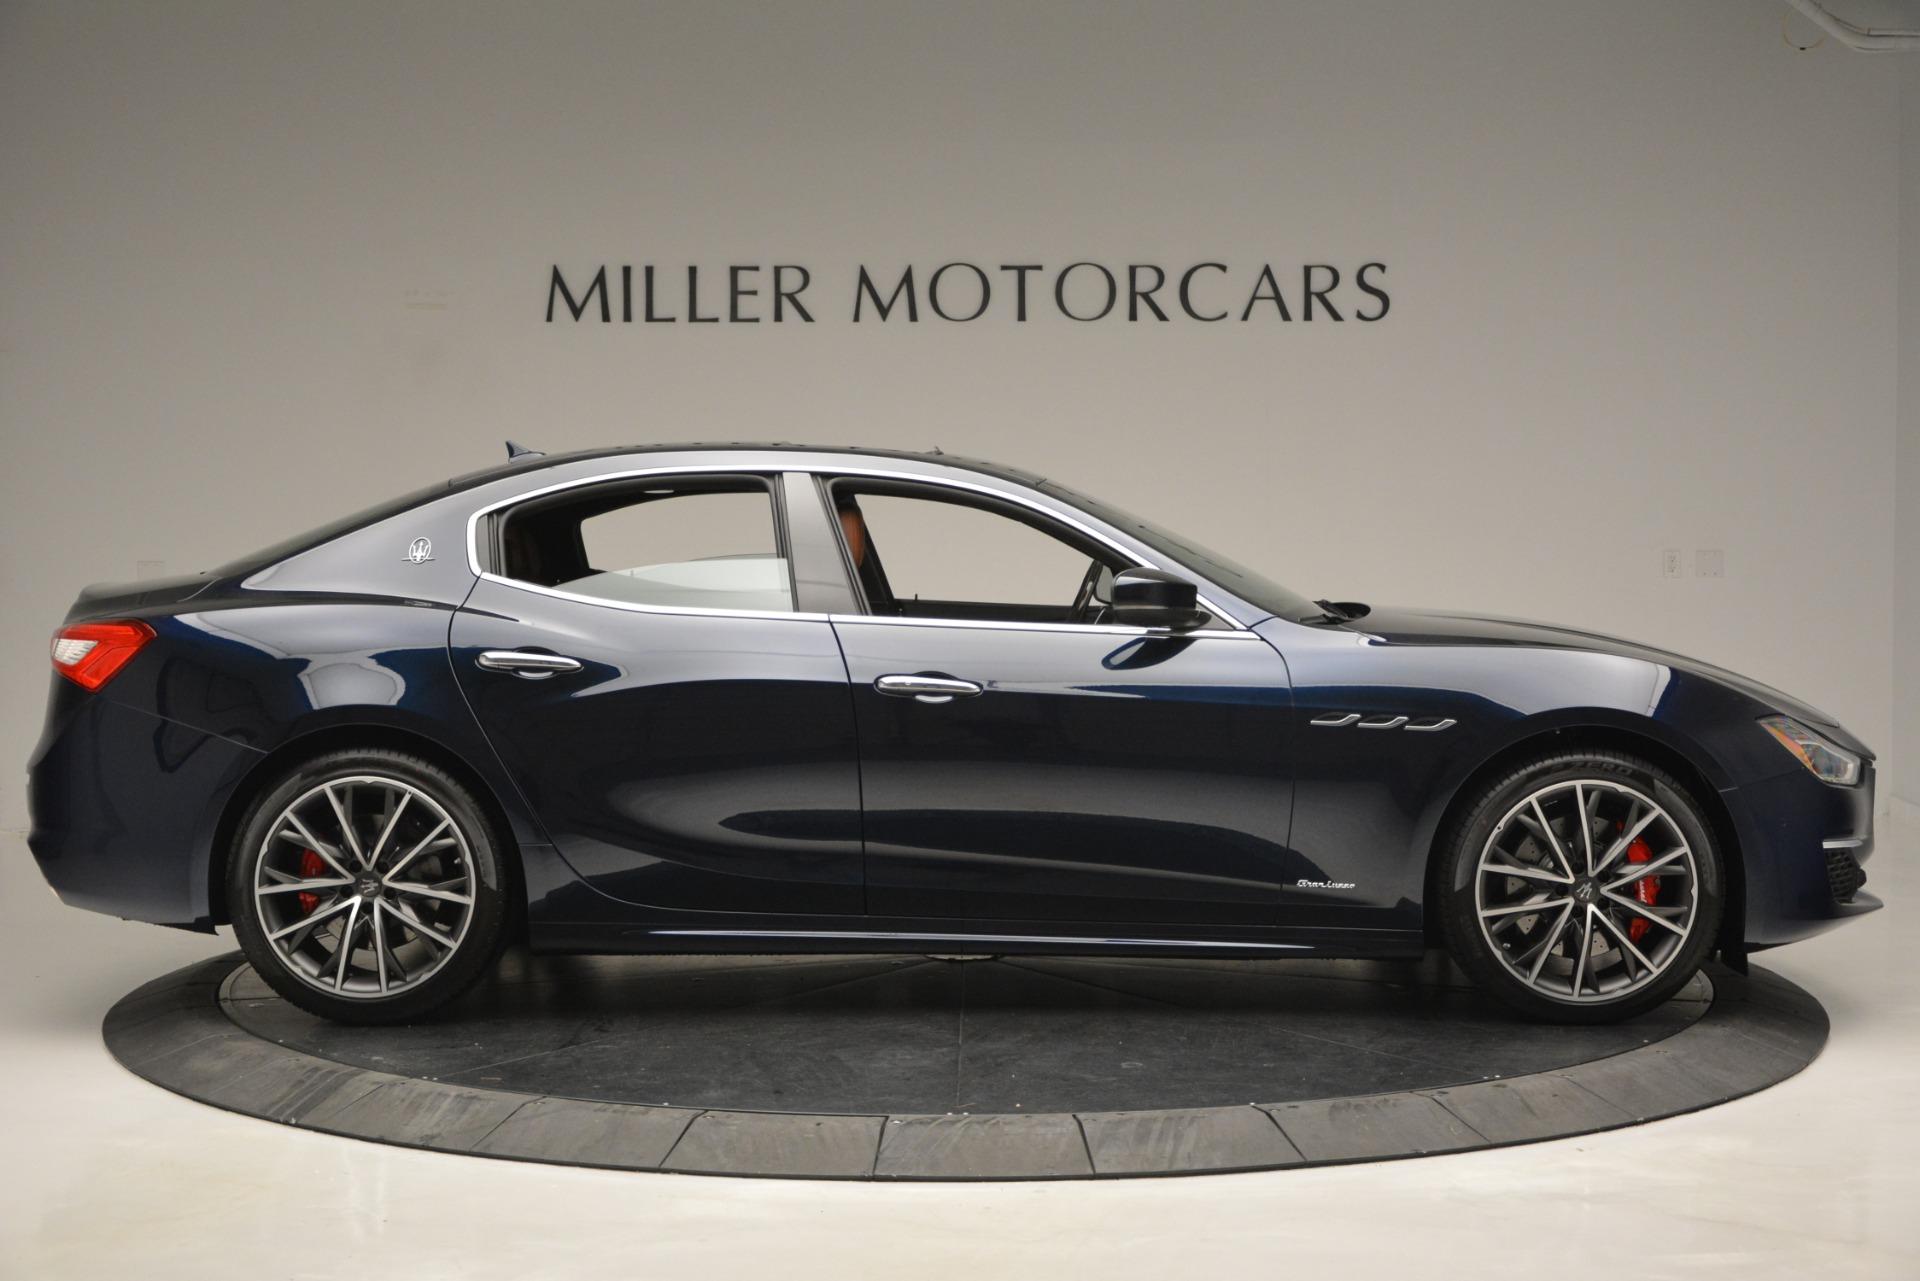 New 2019 Maserati Ghibli S Q4 GranLusso For Sale In Greenwich, CT 2882_p13